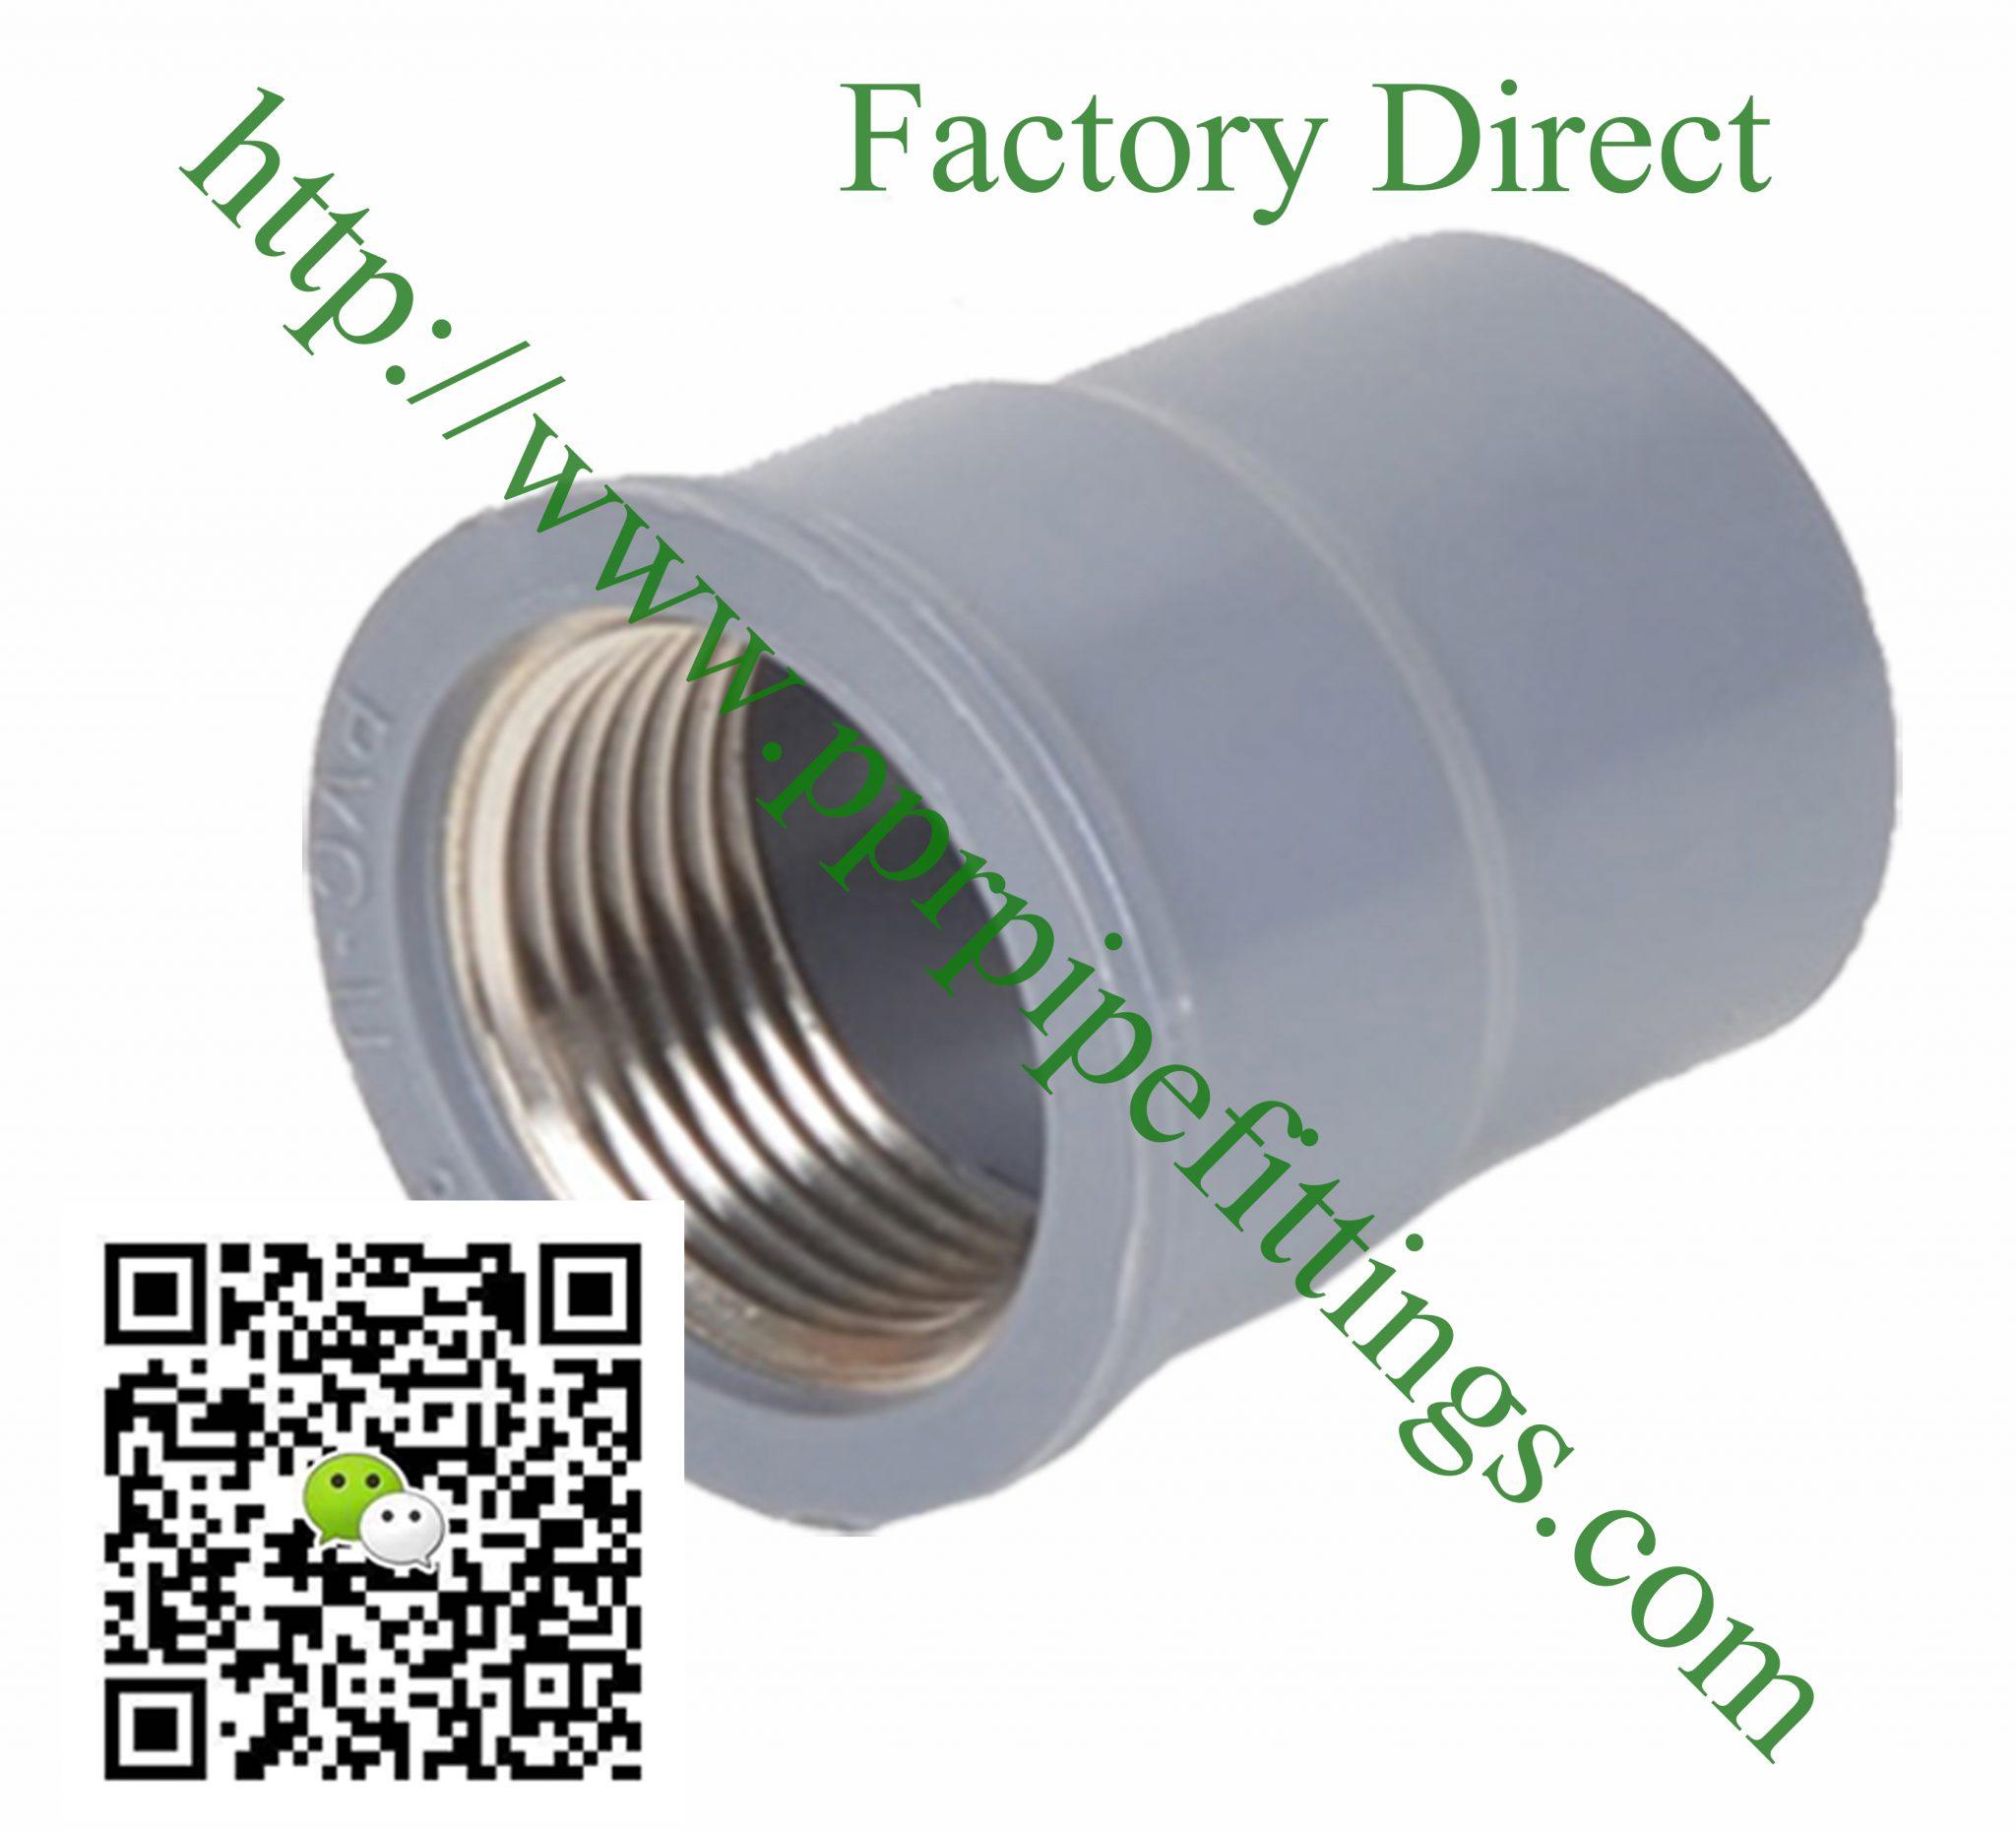 Bs en pvcu pipe fittings female thread socket adapter